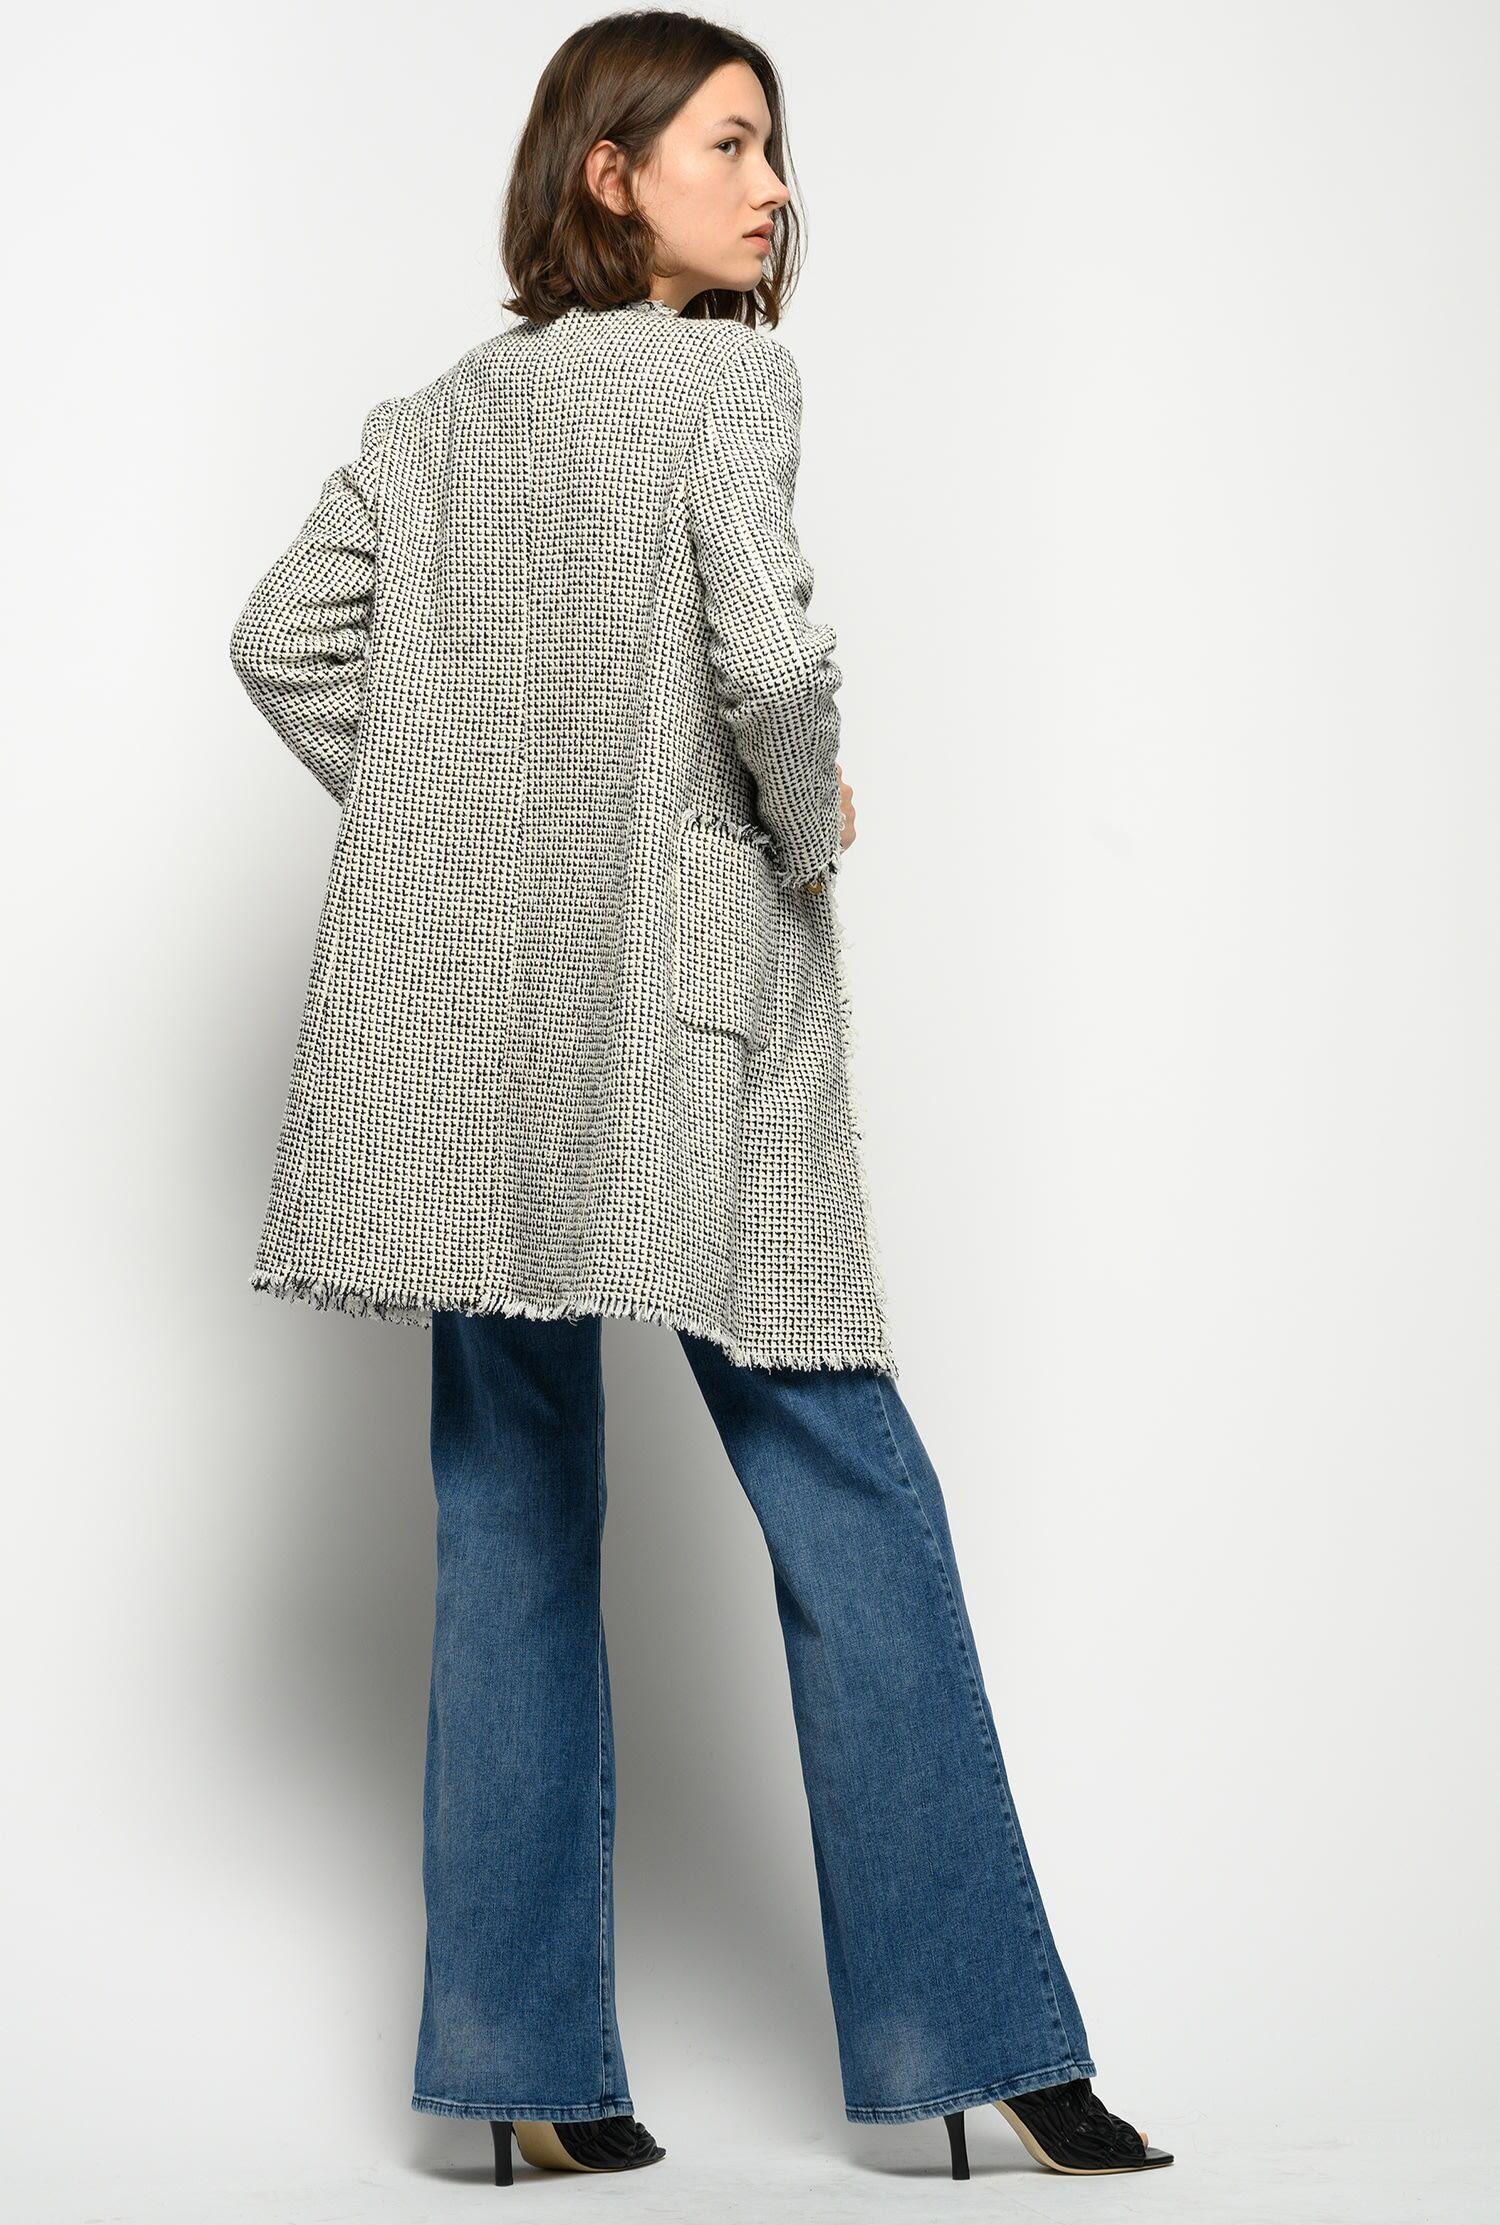 Jeans Flare Con Treccia In Denim Comfort - Pinko